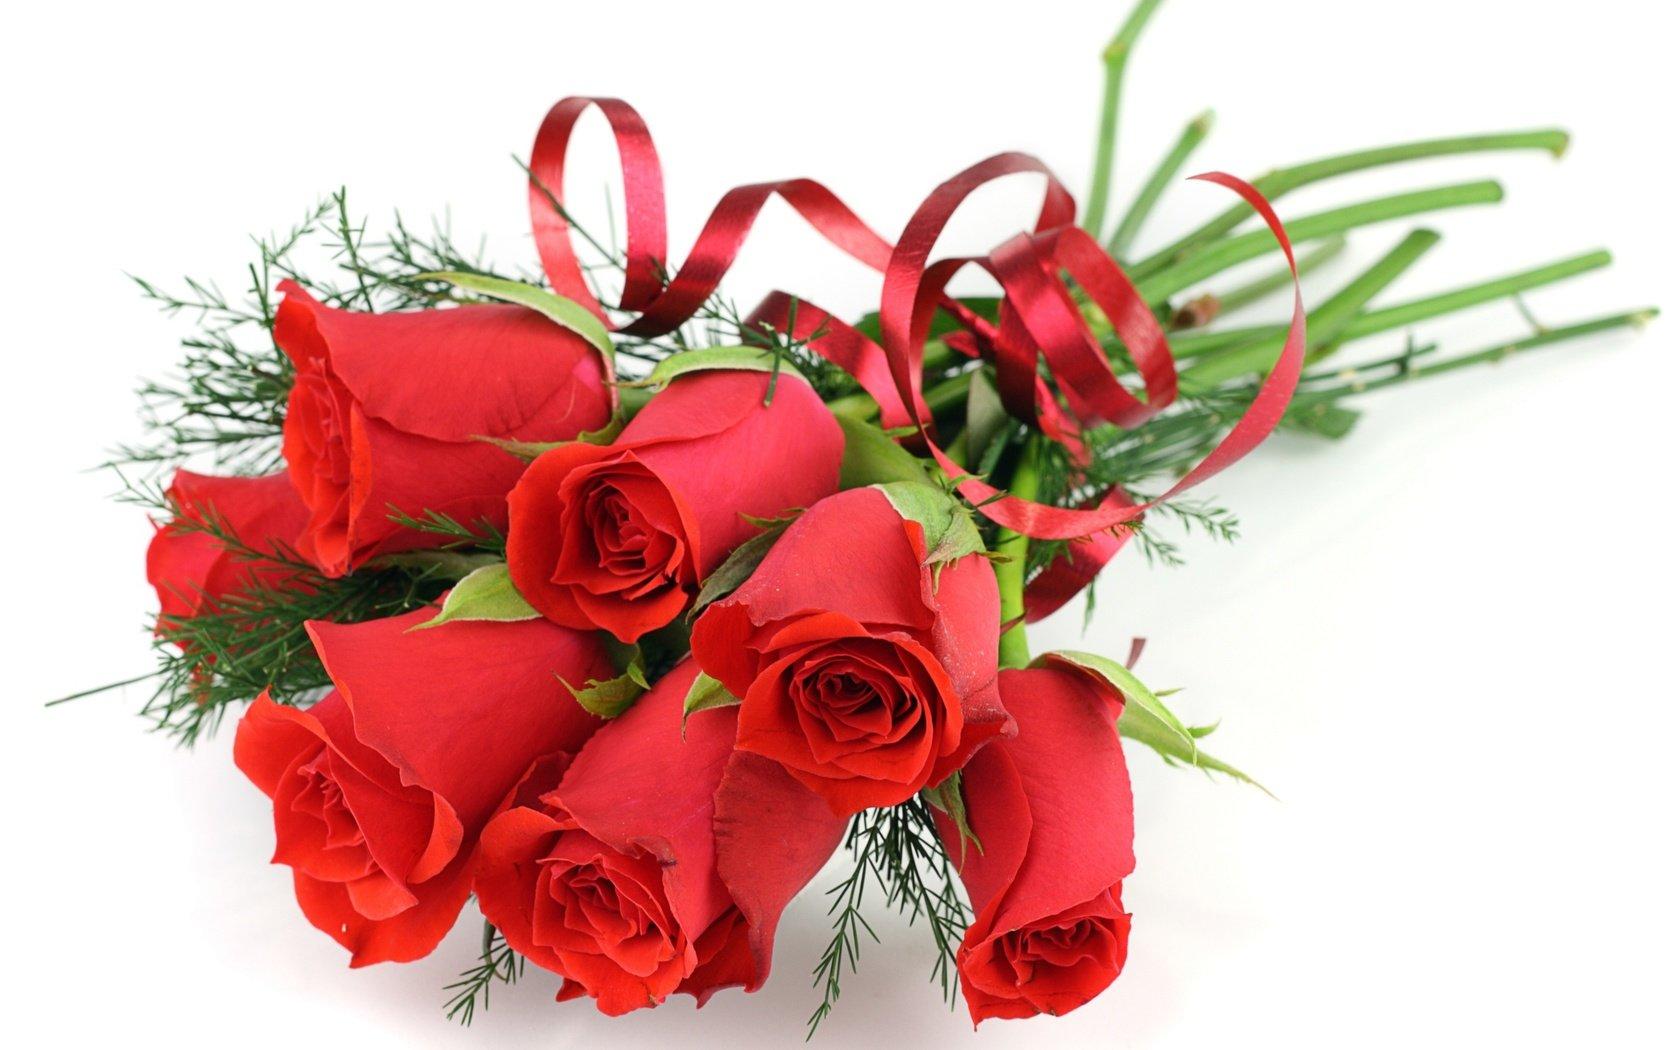 Красивое поздравление с днем рождения с цветами